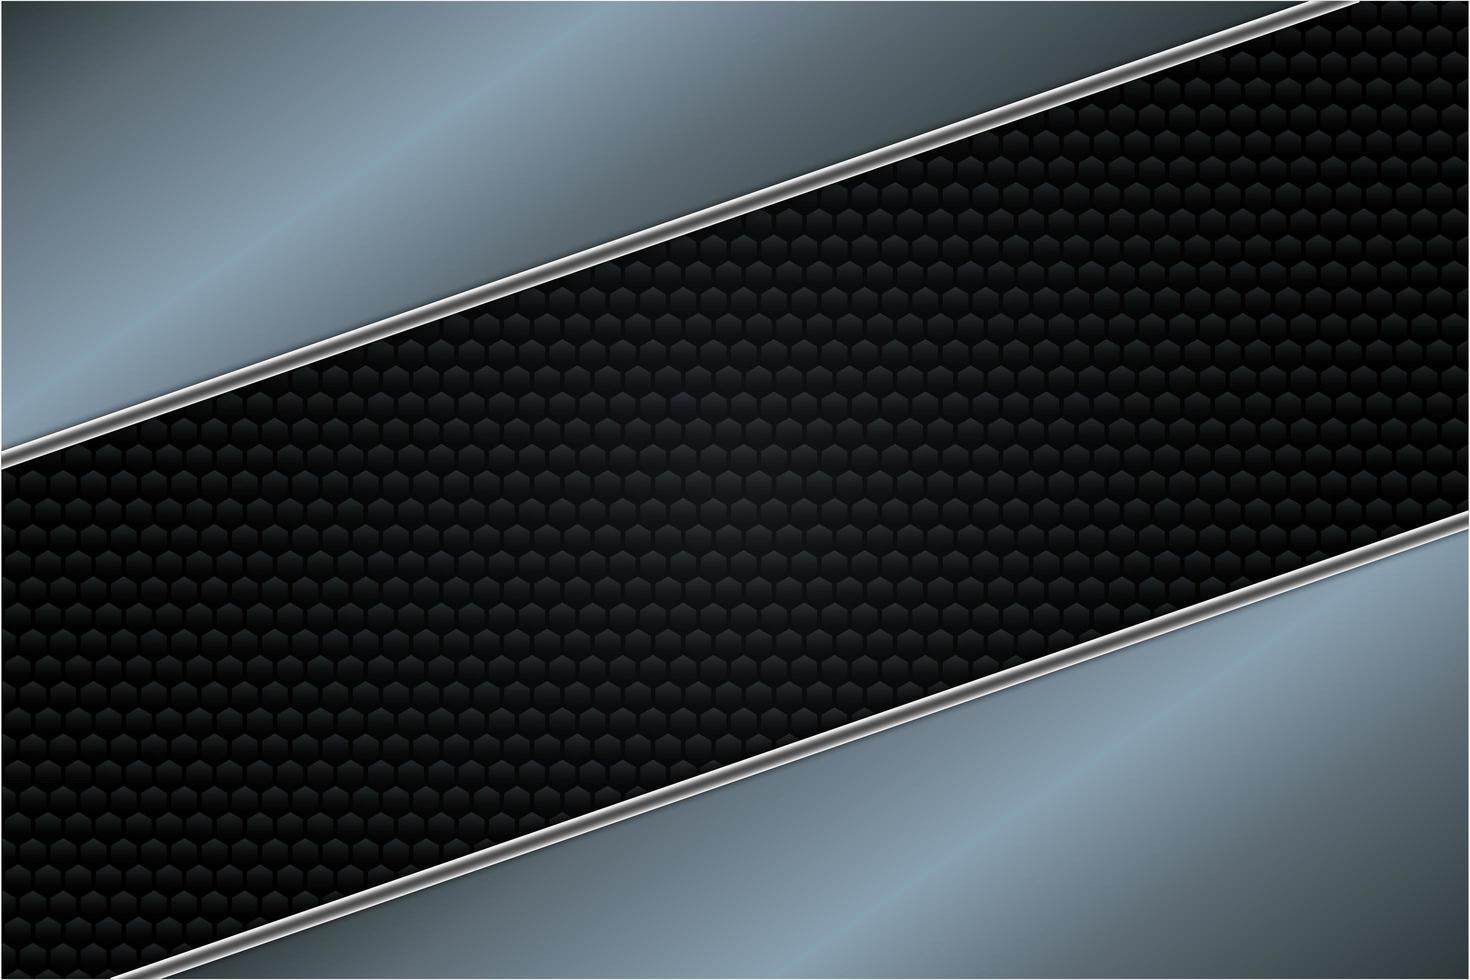 luxuriöser silberner, blauer und schwarzer metallischer Hintergrund vektor